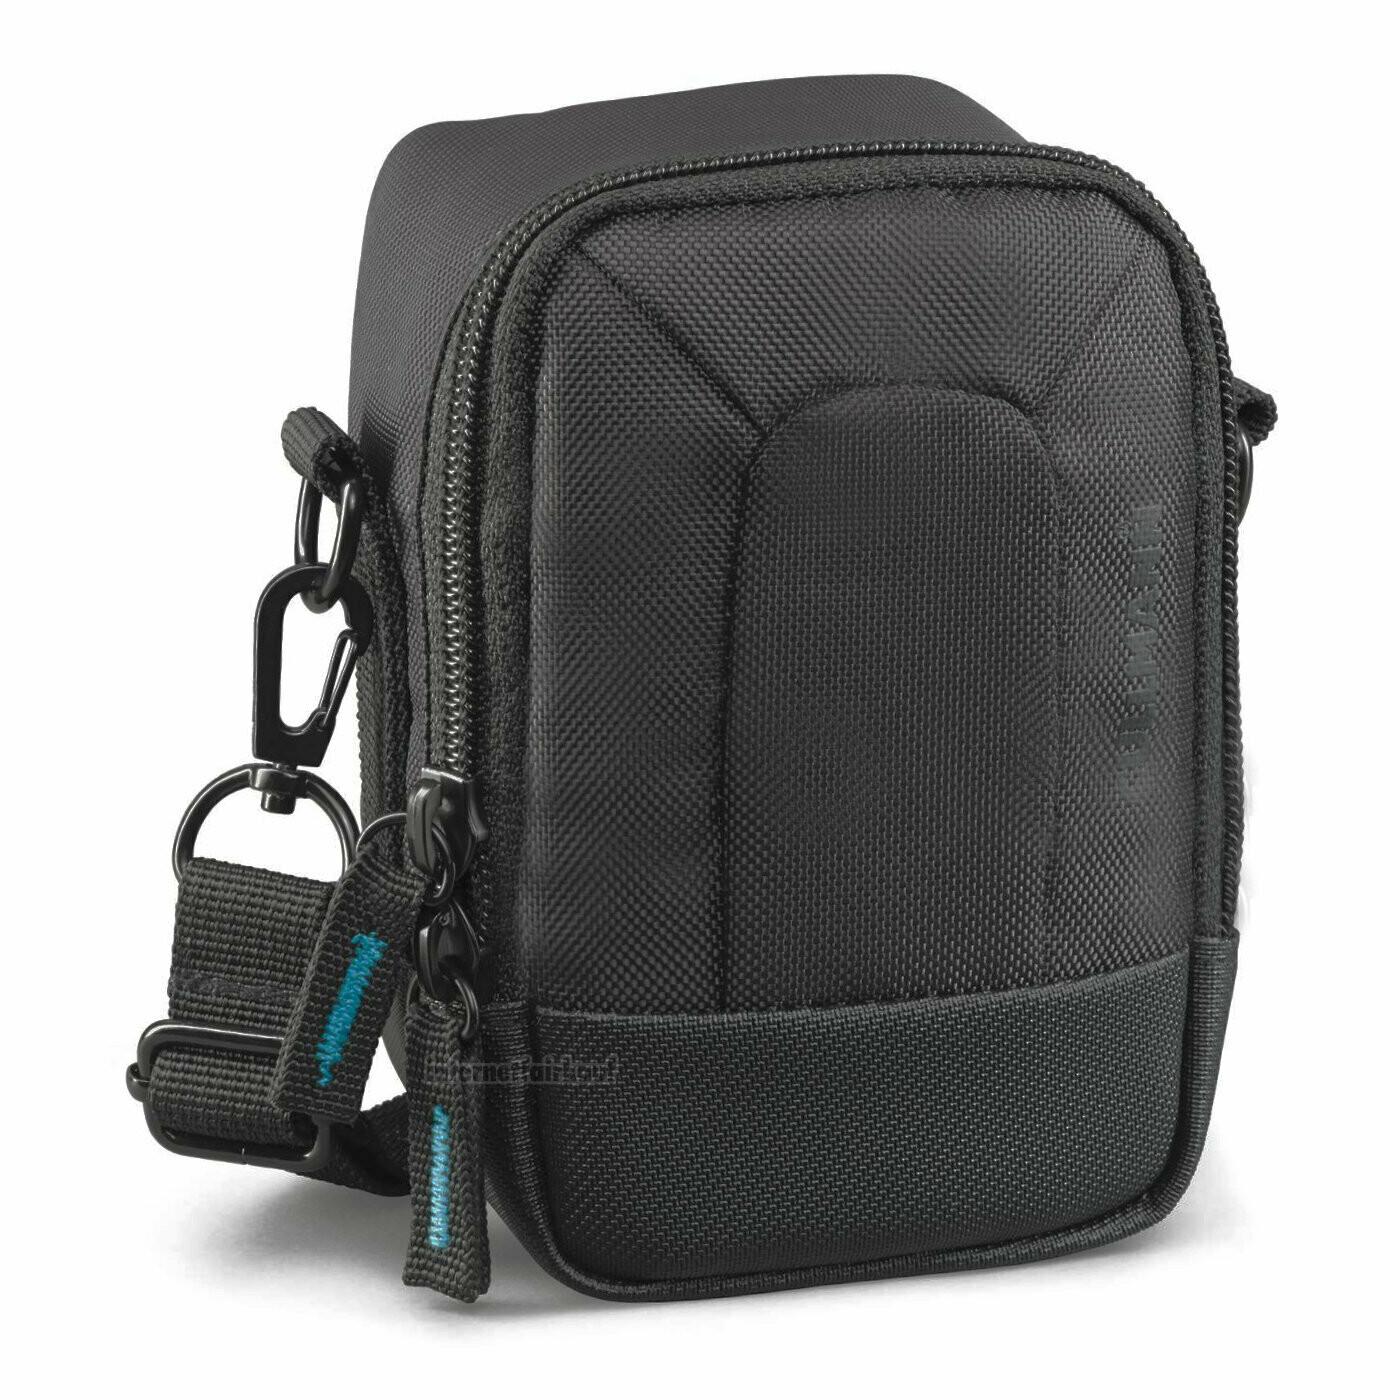 Kameratasche schwarz passend für Fuji Fujifilm X70 - Fototasche